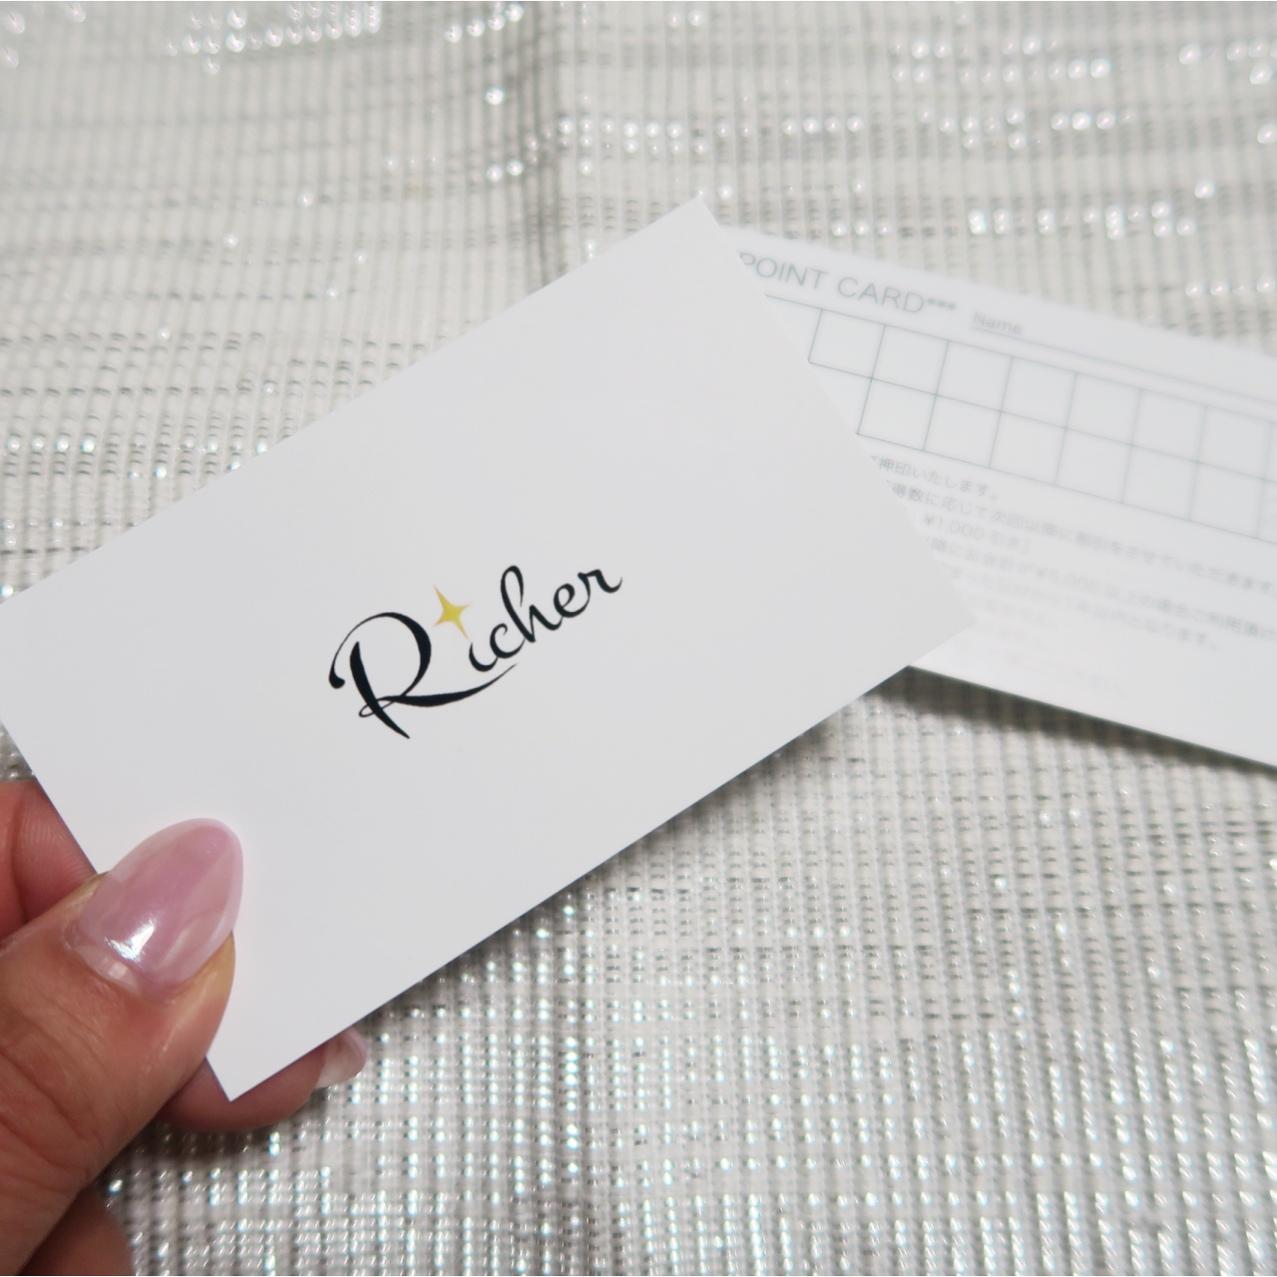 ネイルサロンのポイントカード